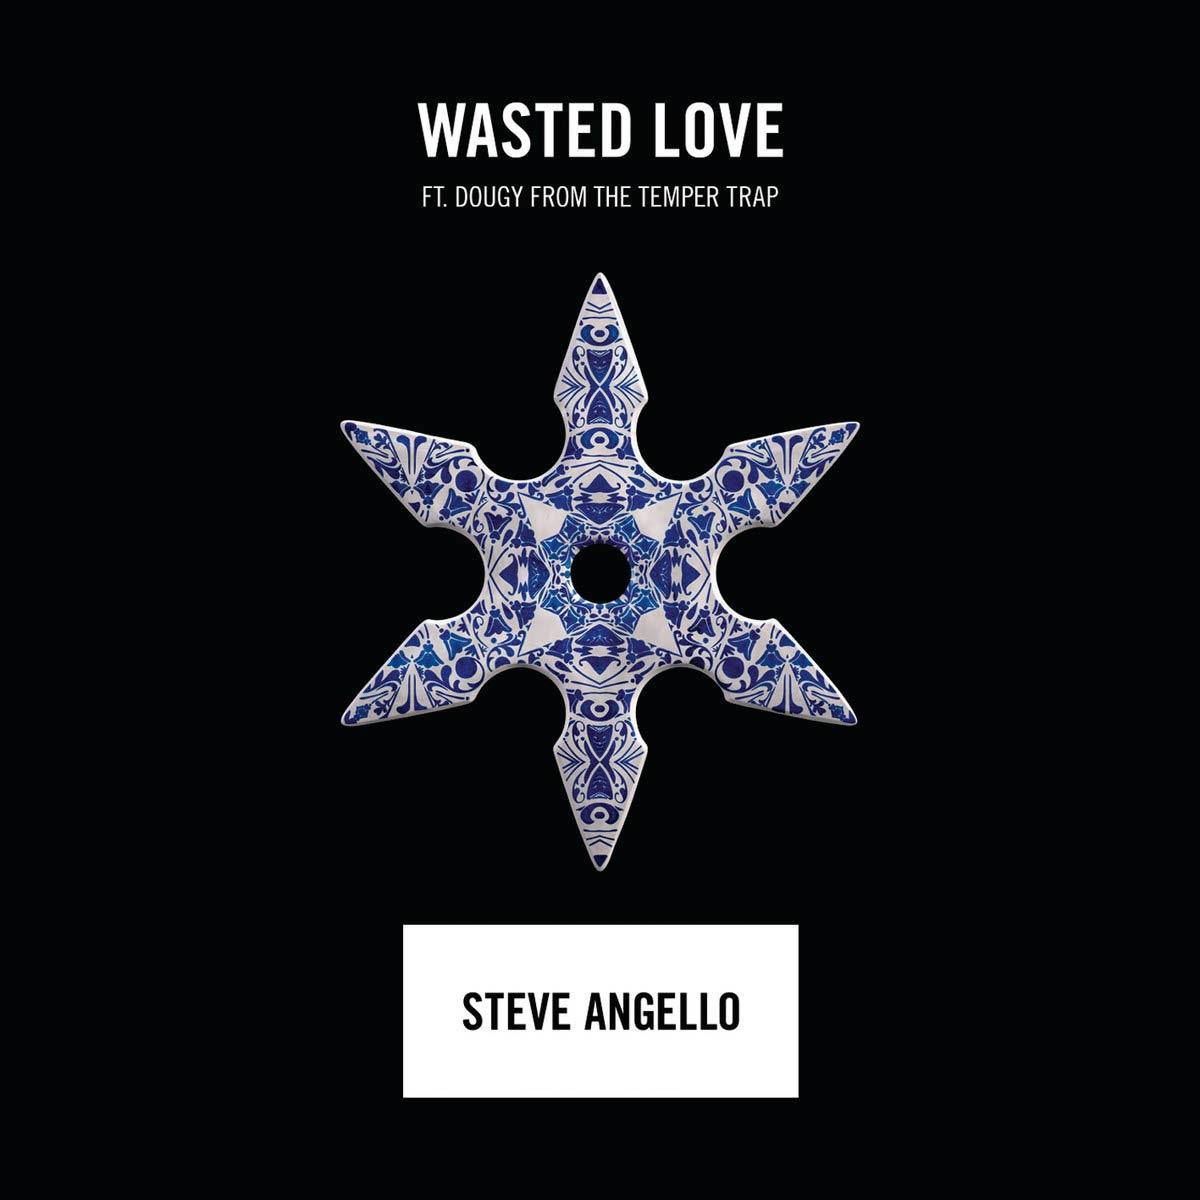 Steve Angello con Dougy: Wasted love - la portada de la canción